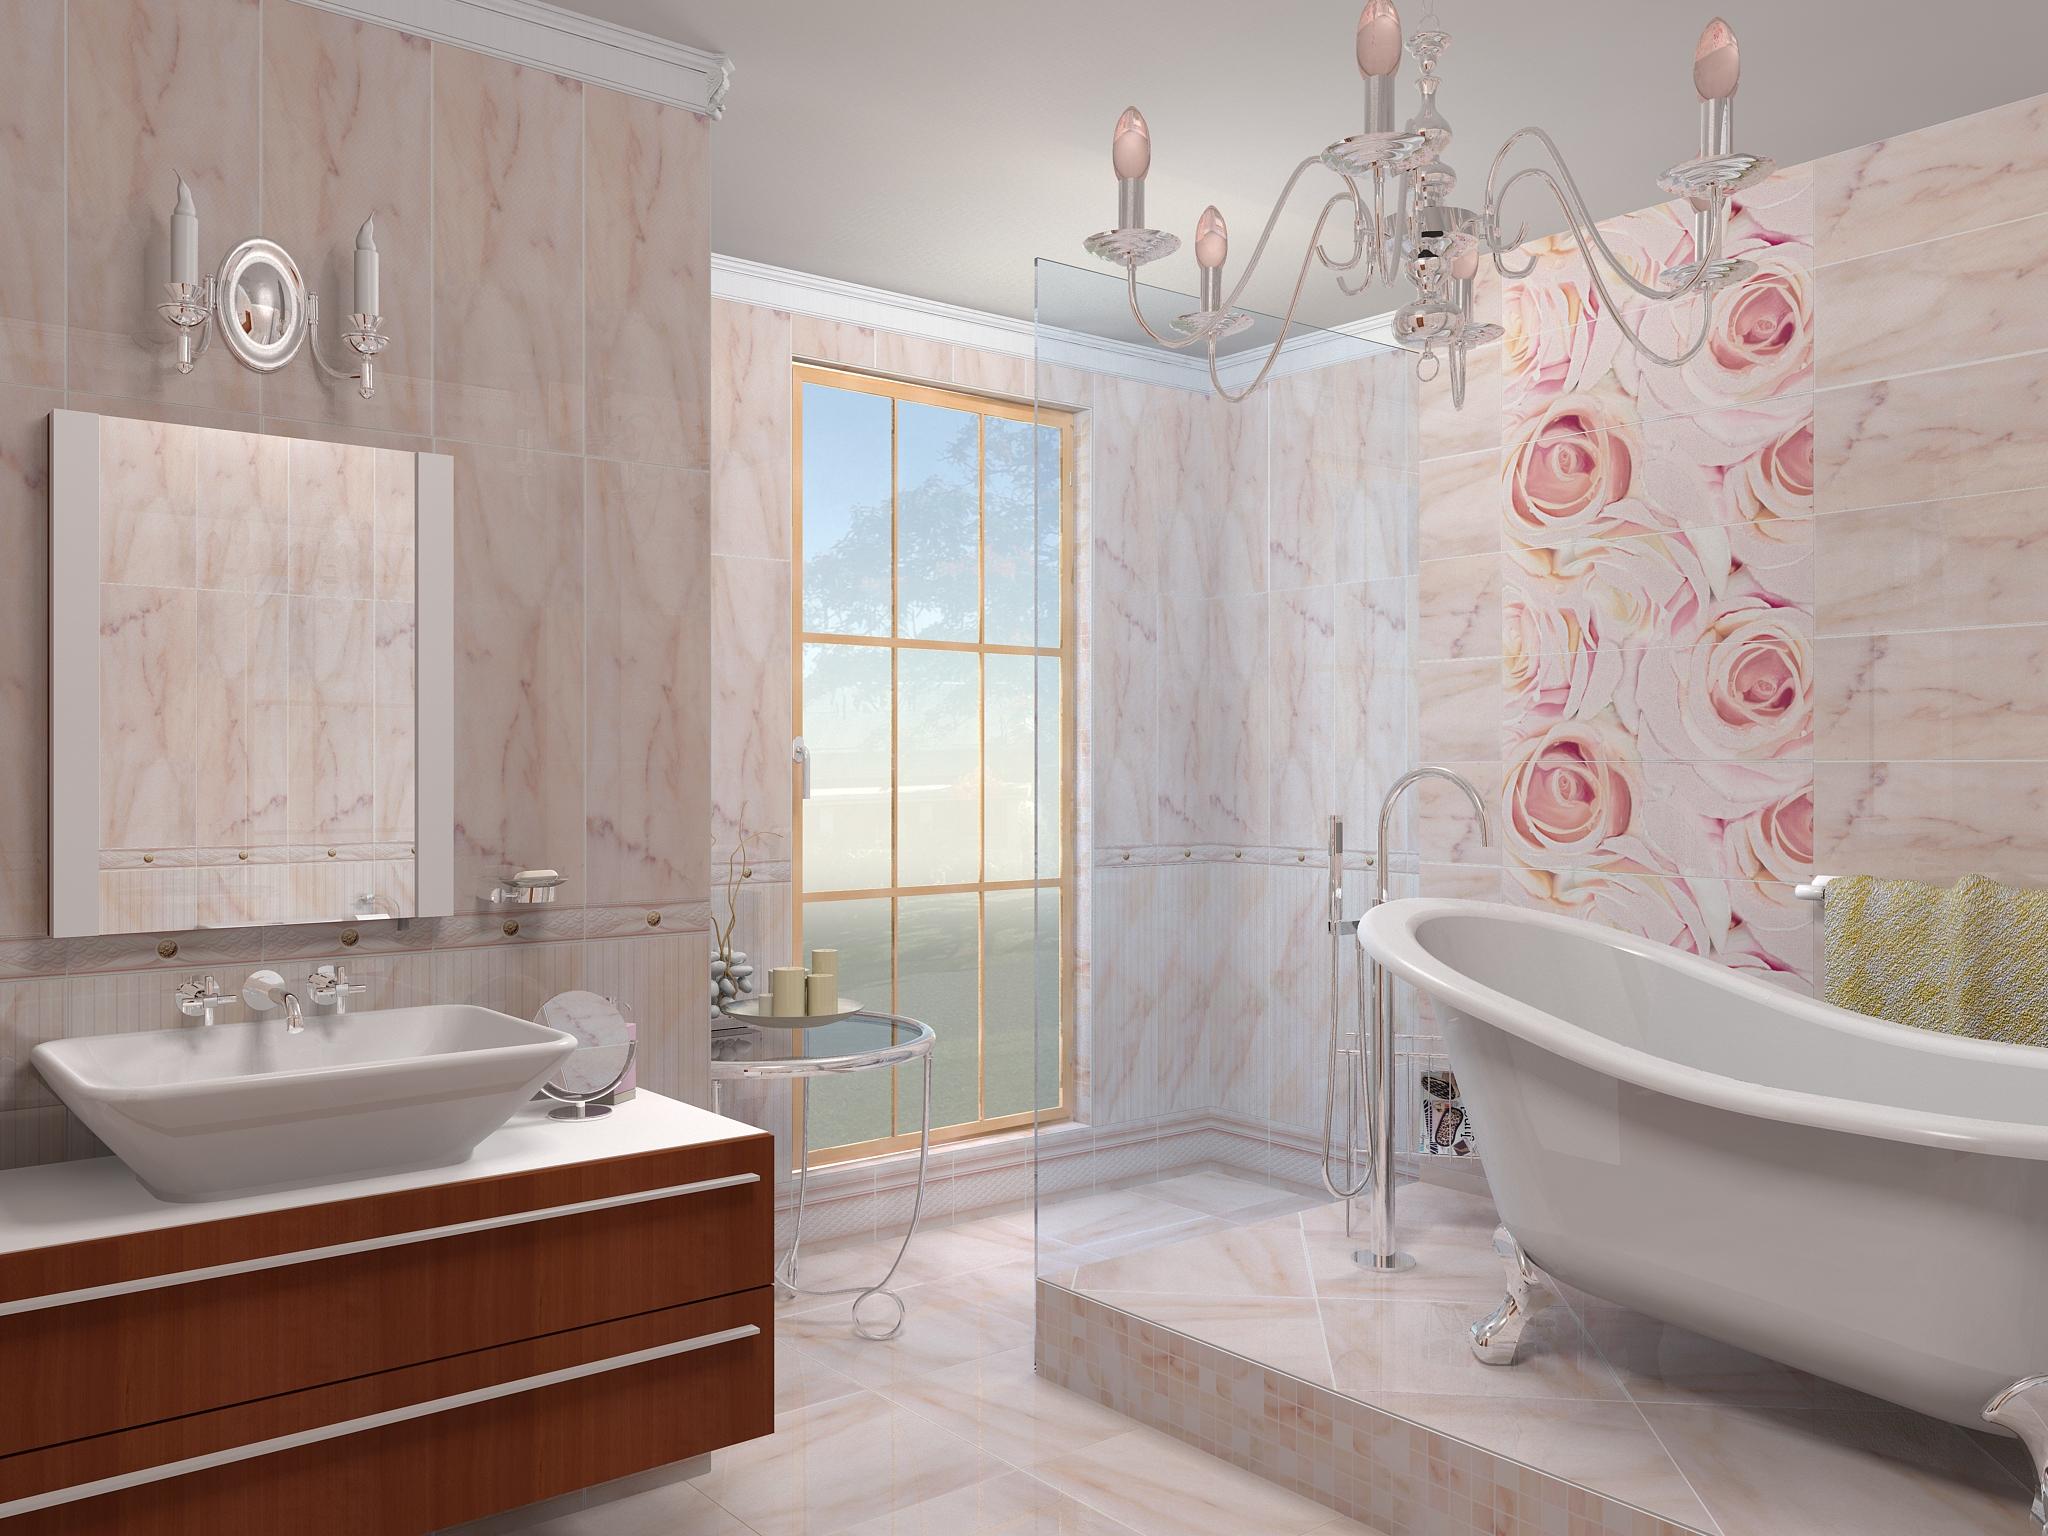 ПВХ панели в ванной – это красиво и стильно